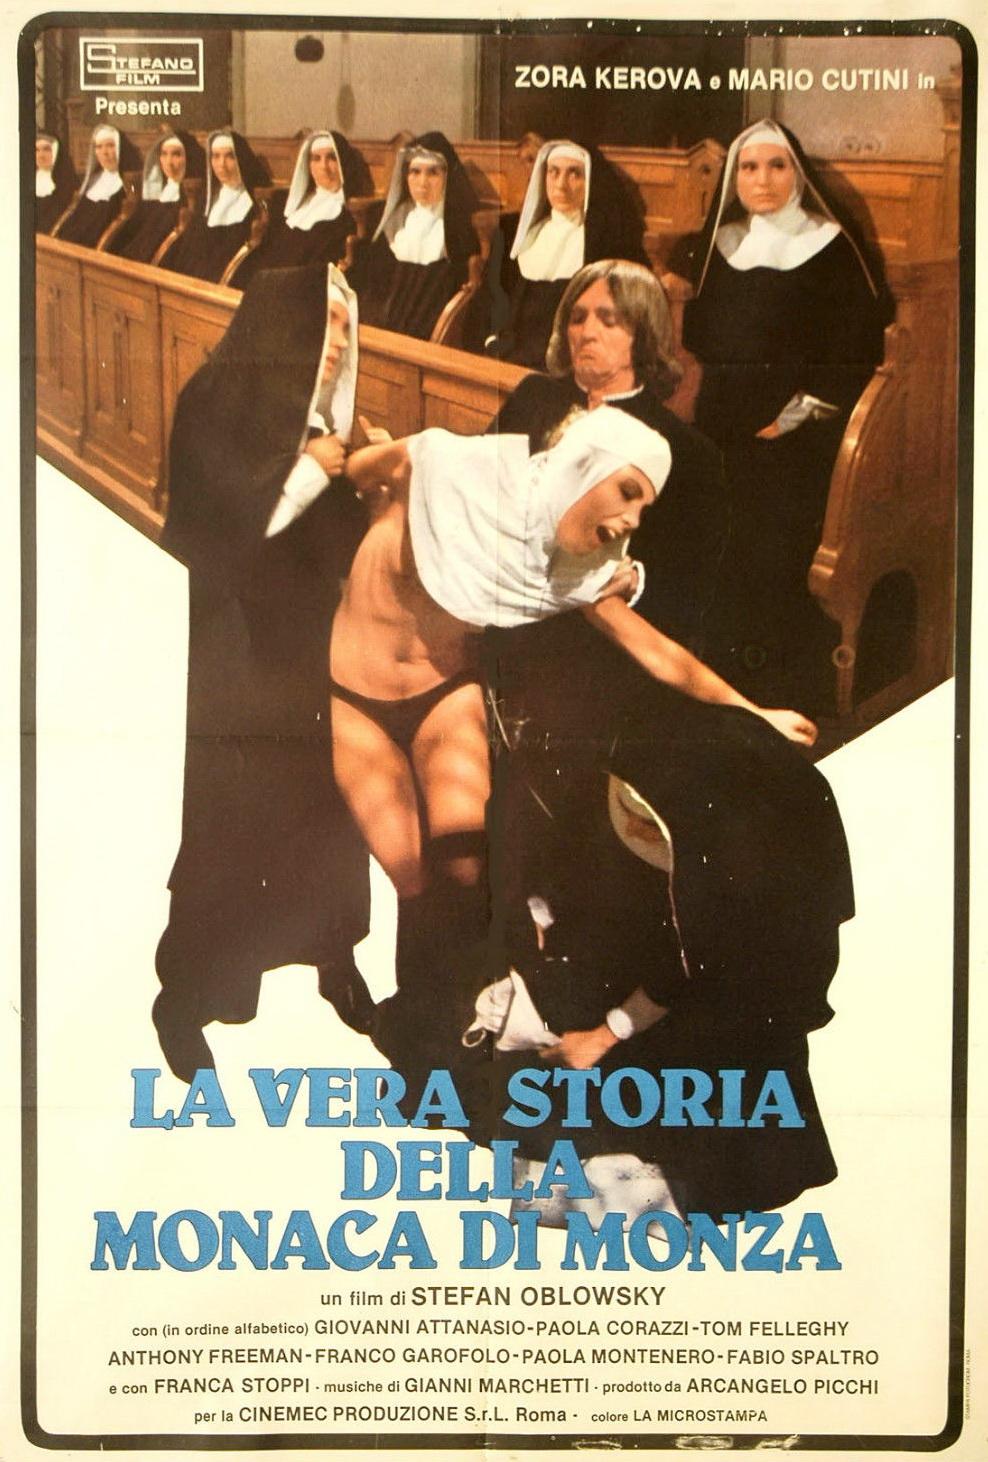 Paola Corazzi, Franco Garofalo, and Zora Kerova in La vera storia della monaca di Monza (1980)